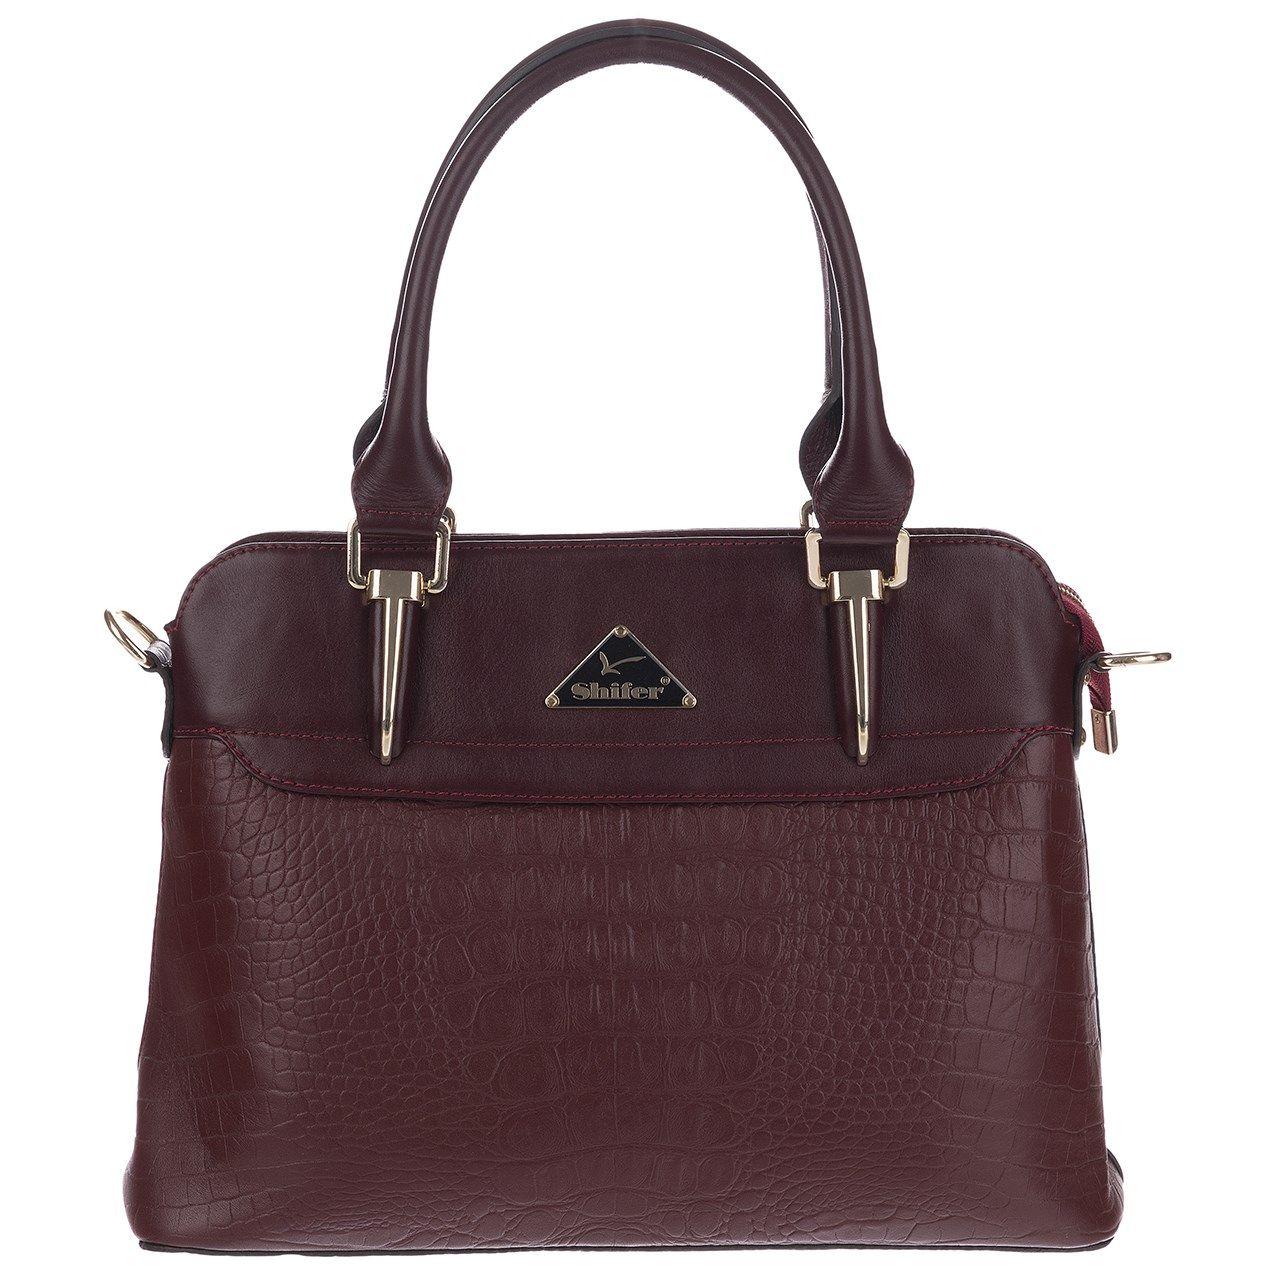 کیف دستی زنانه شیفر مدل 9894B07 -  - 1